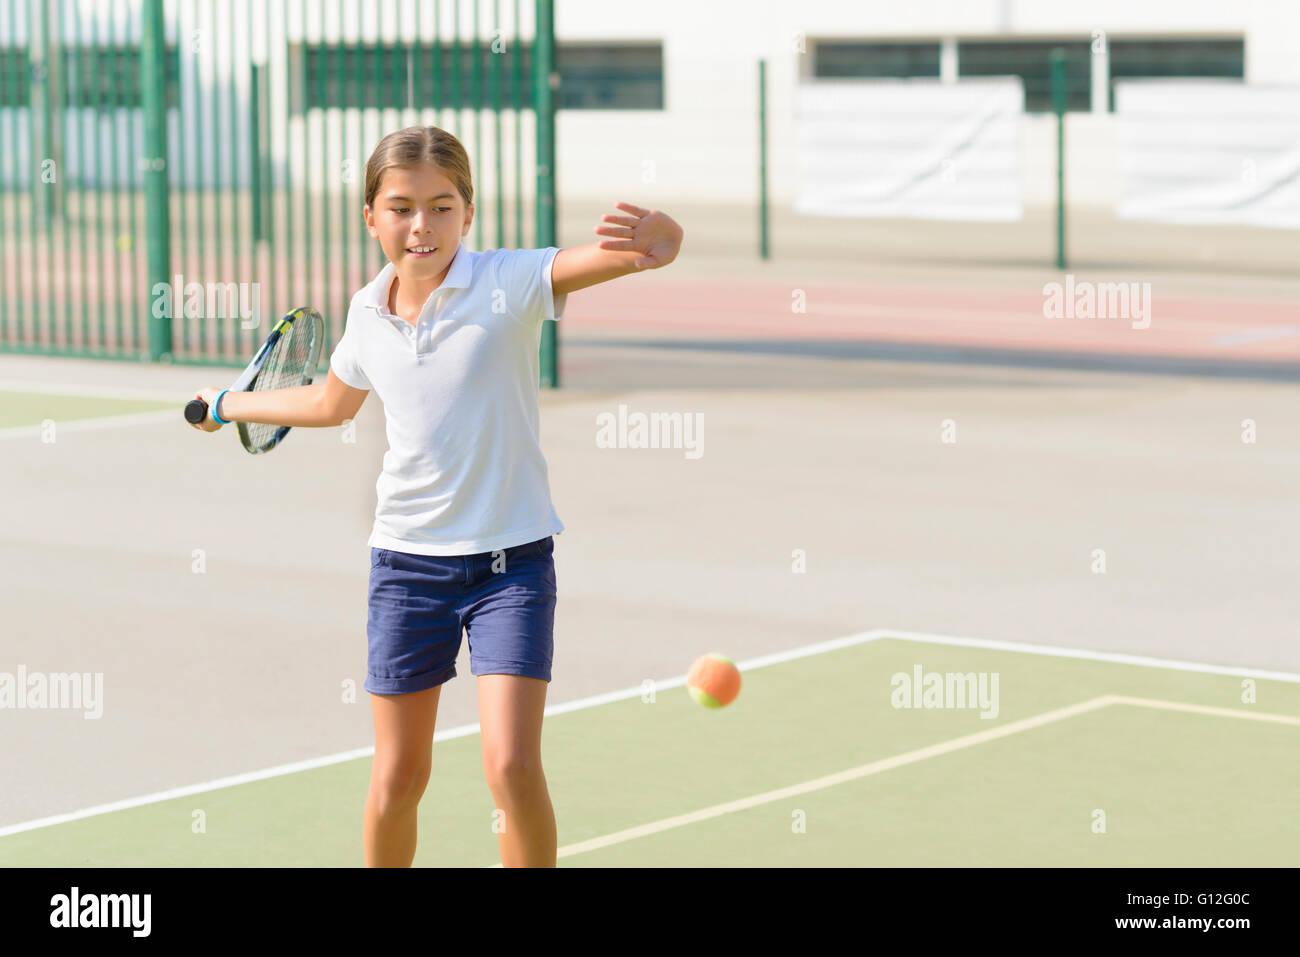 Bella ragazza giocando a tennis sul campo da tennis Immagini Stock